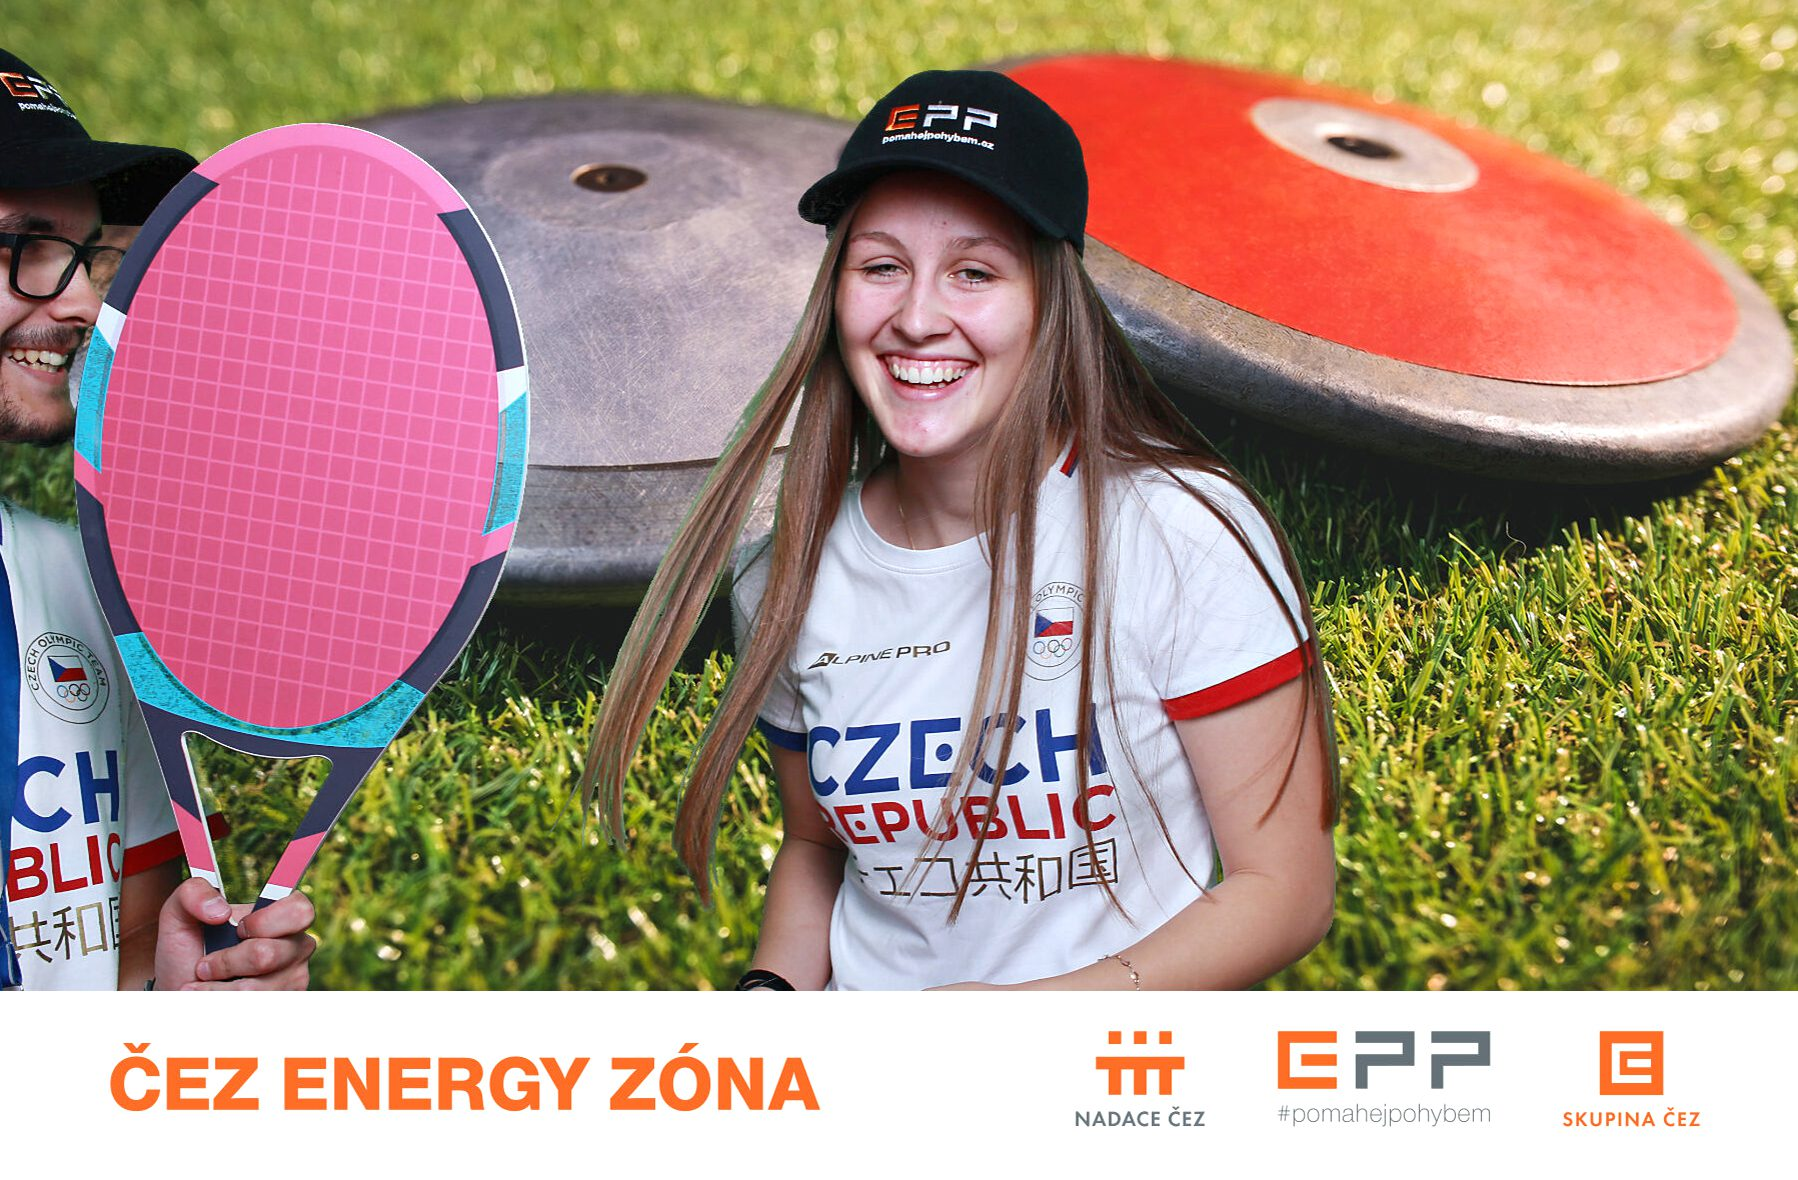 fotokoutek-olympijsky-festival-cez-energy-zona-31-7-2021-738960